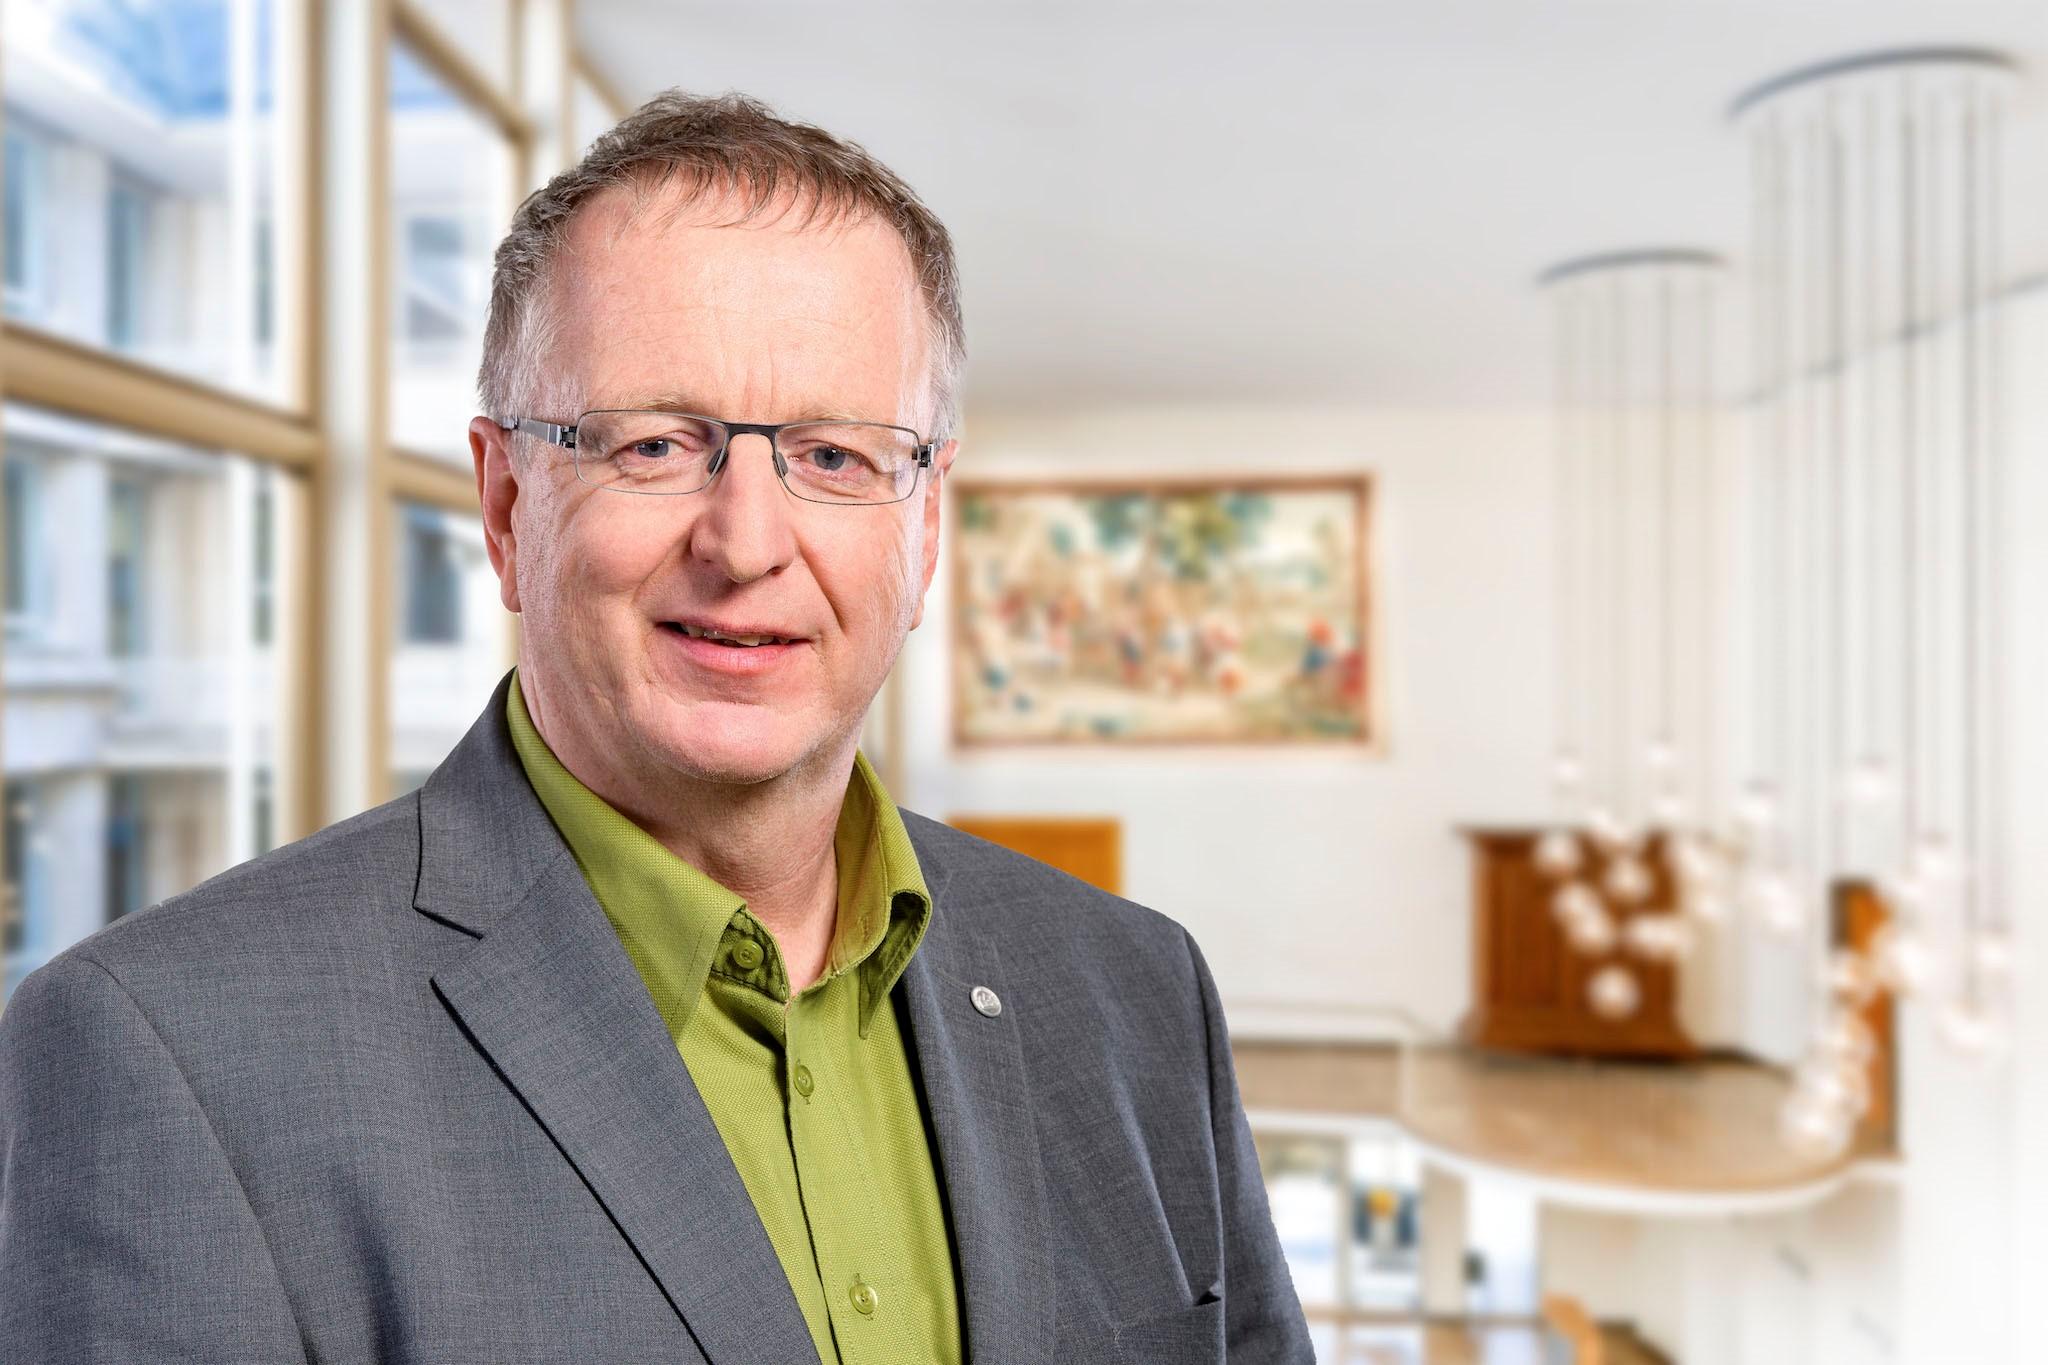 Hans-Juergen Sasse